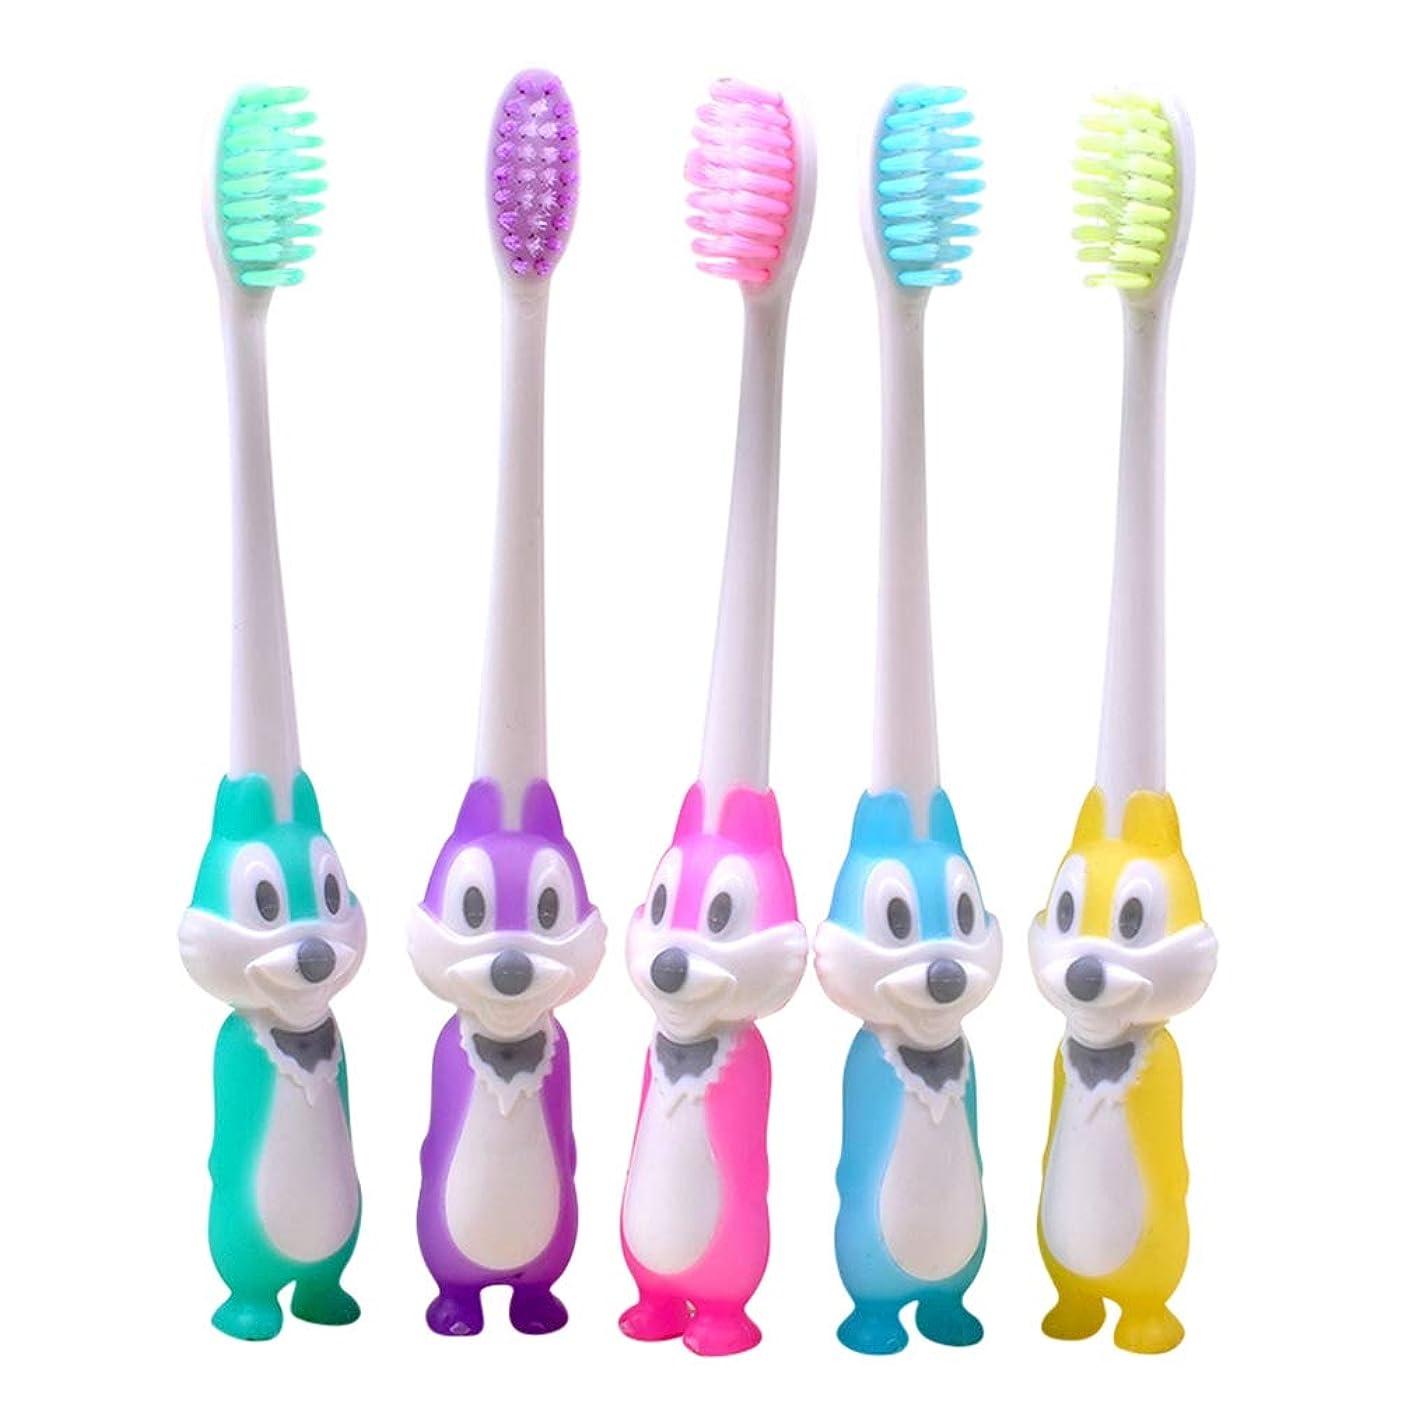 中国間接的散髪Rad子供 赤ちゃん漫画形状ソフト歯ブラシ子供歯科口腔ケアブラシツール歯ブラシ